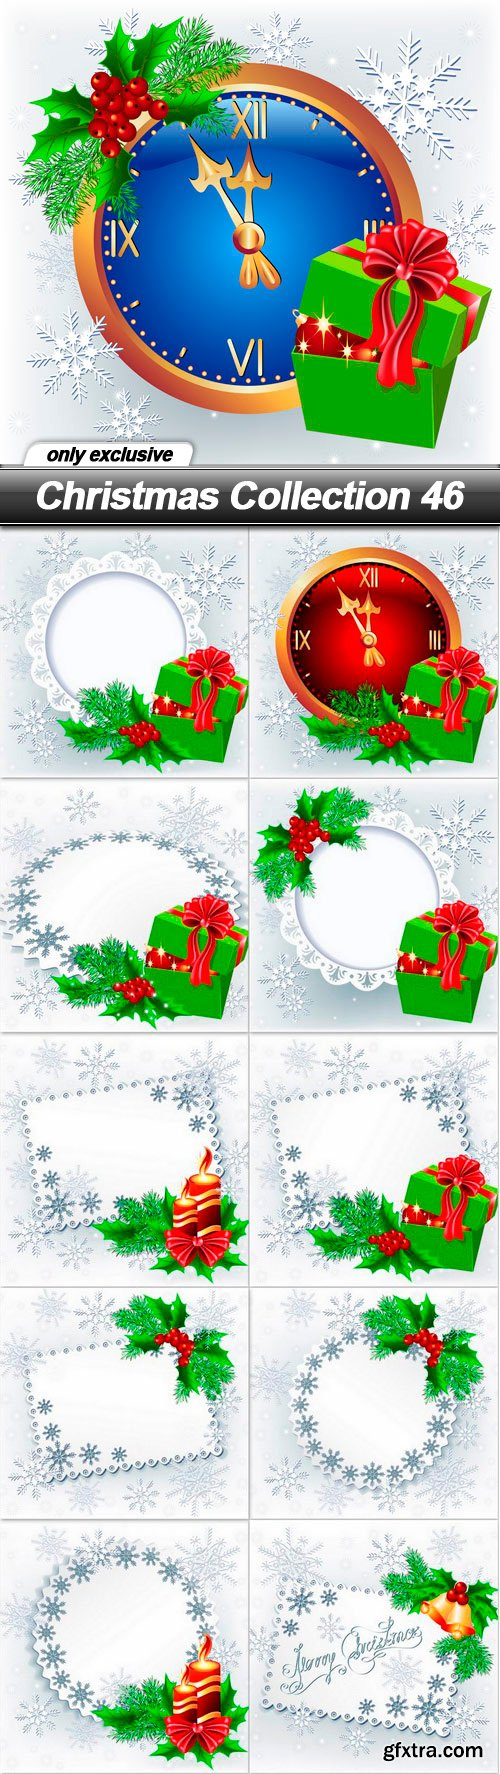 Christmas Collection 46 - 11 EPS